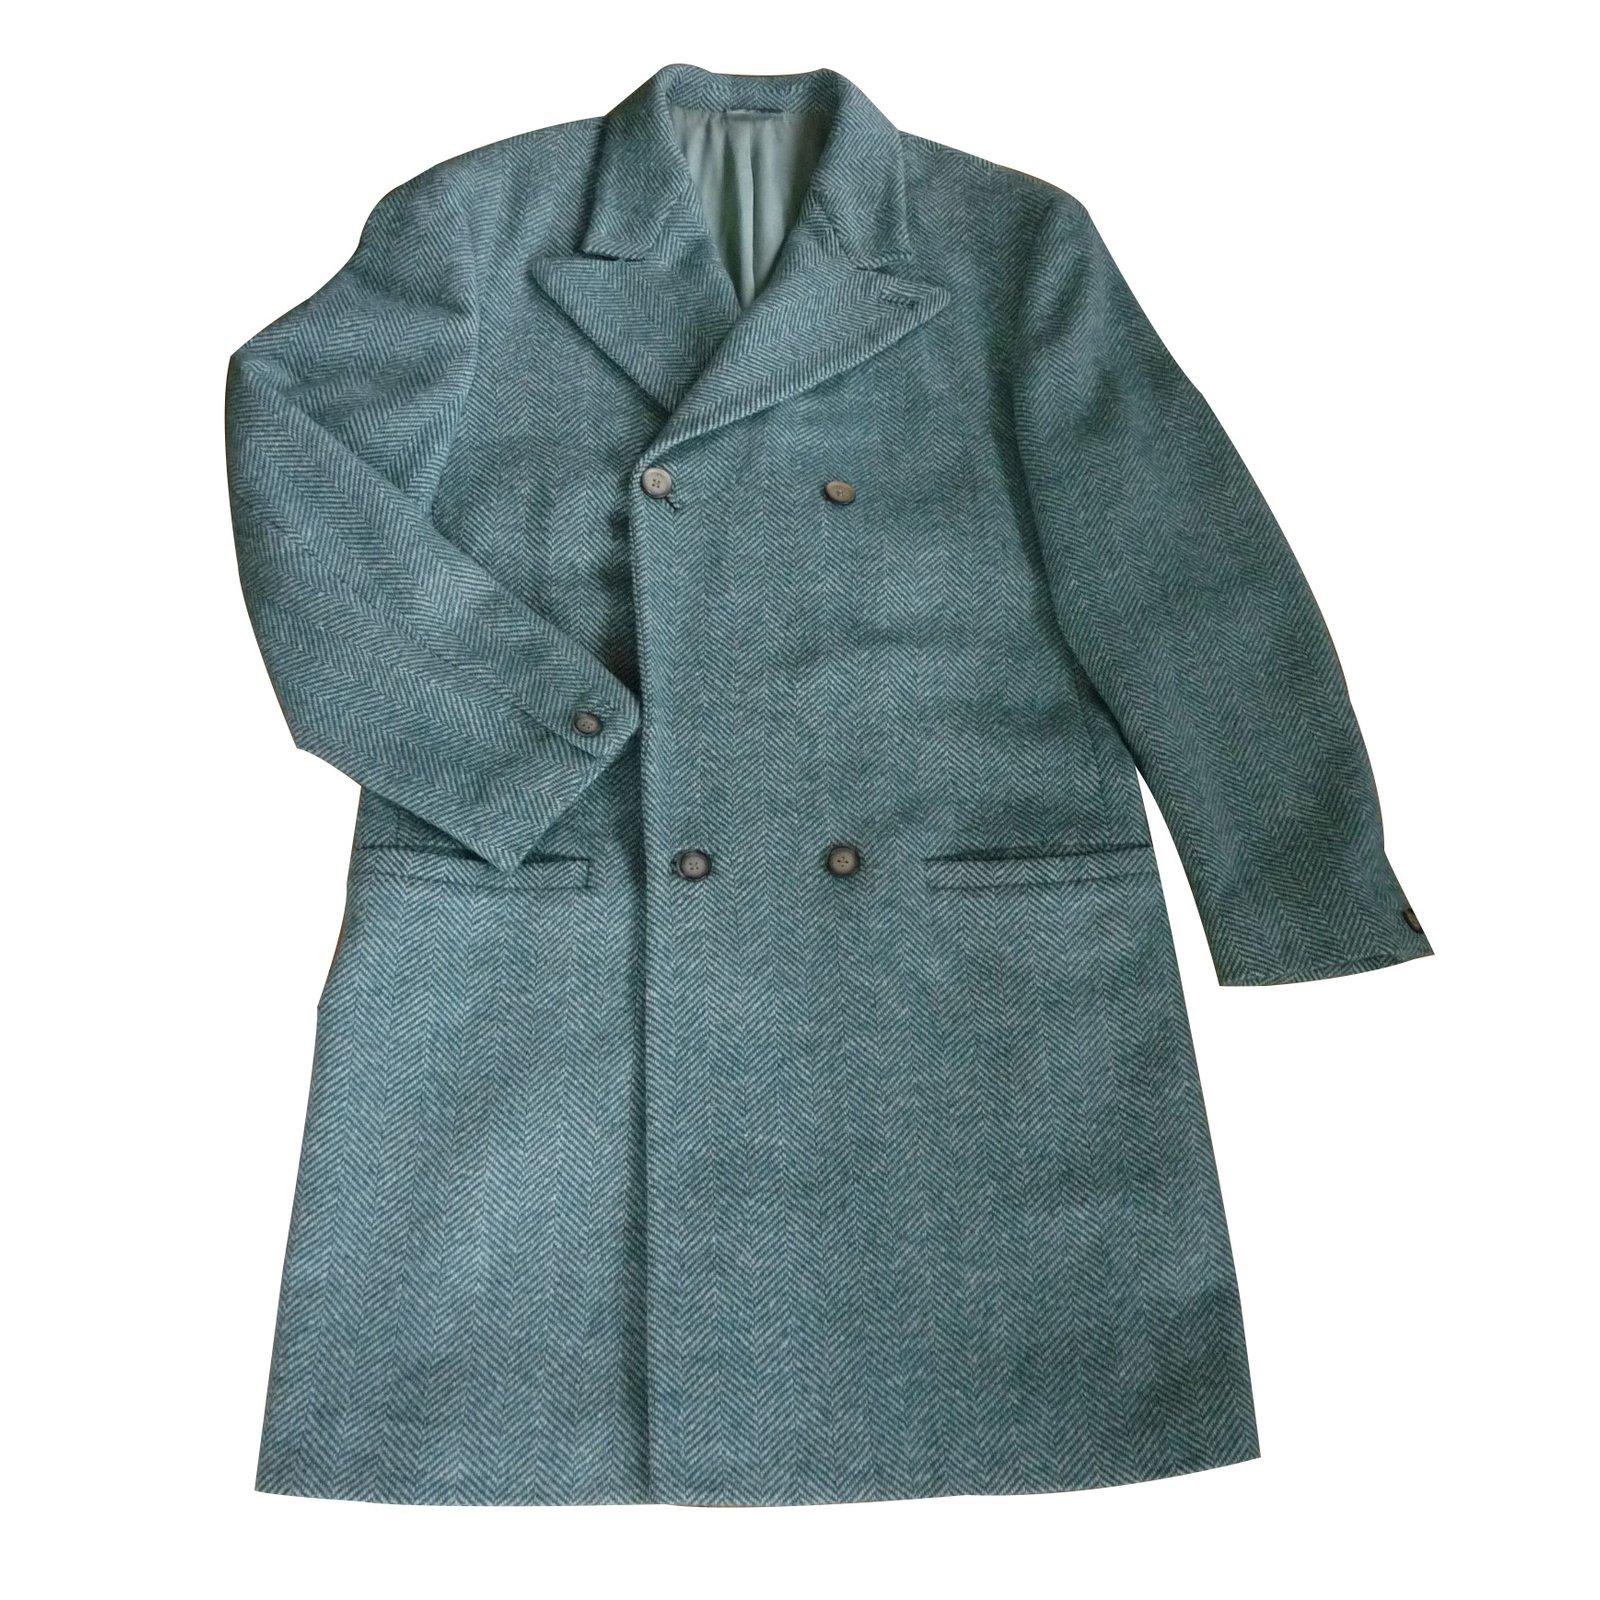 manteaux homme versace manteau versus versace laine vert. Black Bedroom Furniture Sets. Home Design Ideas